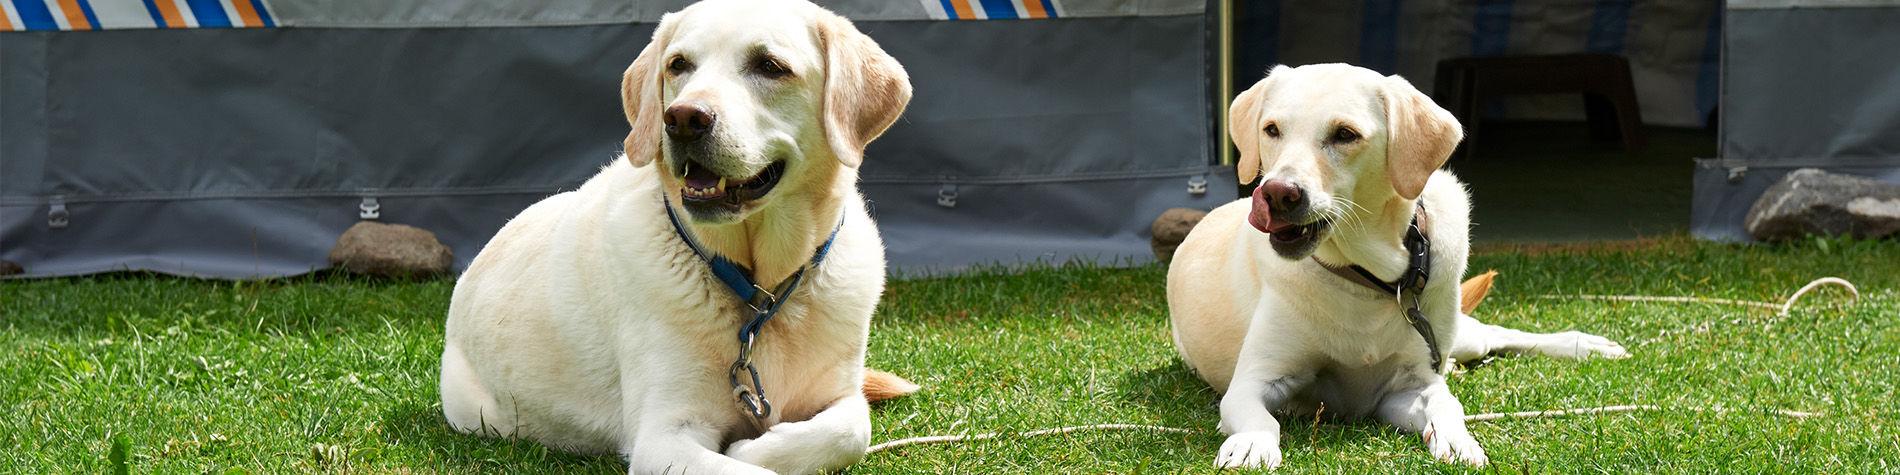 Domande Al Veterinario Cane vacanze in campeggio con il cane - tcs svizzero